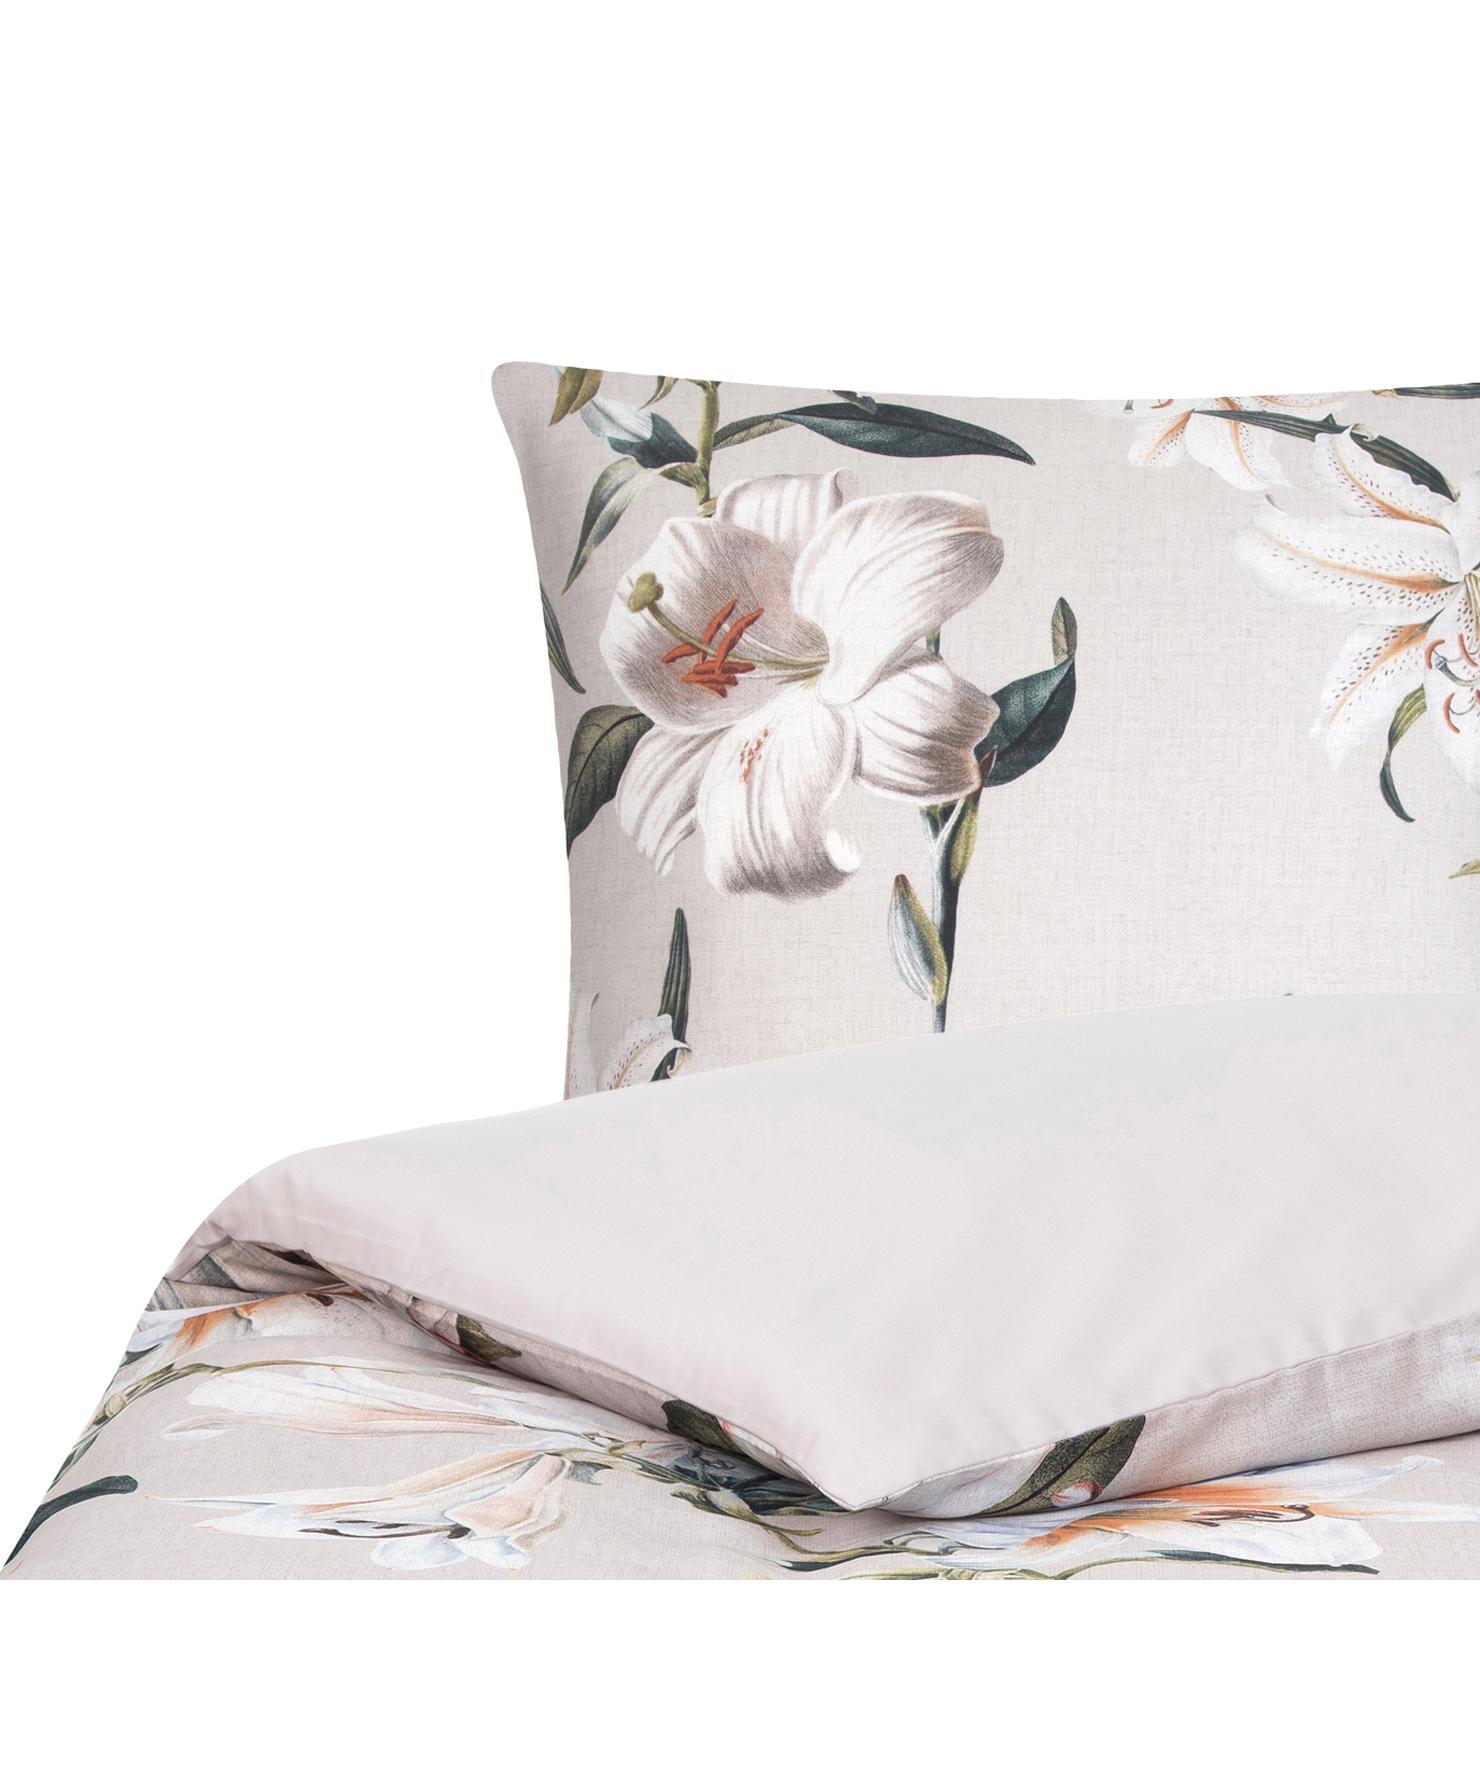 Baumwollsatin-Bettwäsche Flori in Beige mit Blumen-Print, Webart: Satin Fadendichte 210 TC,, Vorderseite: Beige, CremeweißRückseite: Beige, 155 x 220 cm + 1 Kissen 80 x 80 cm